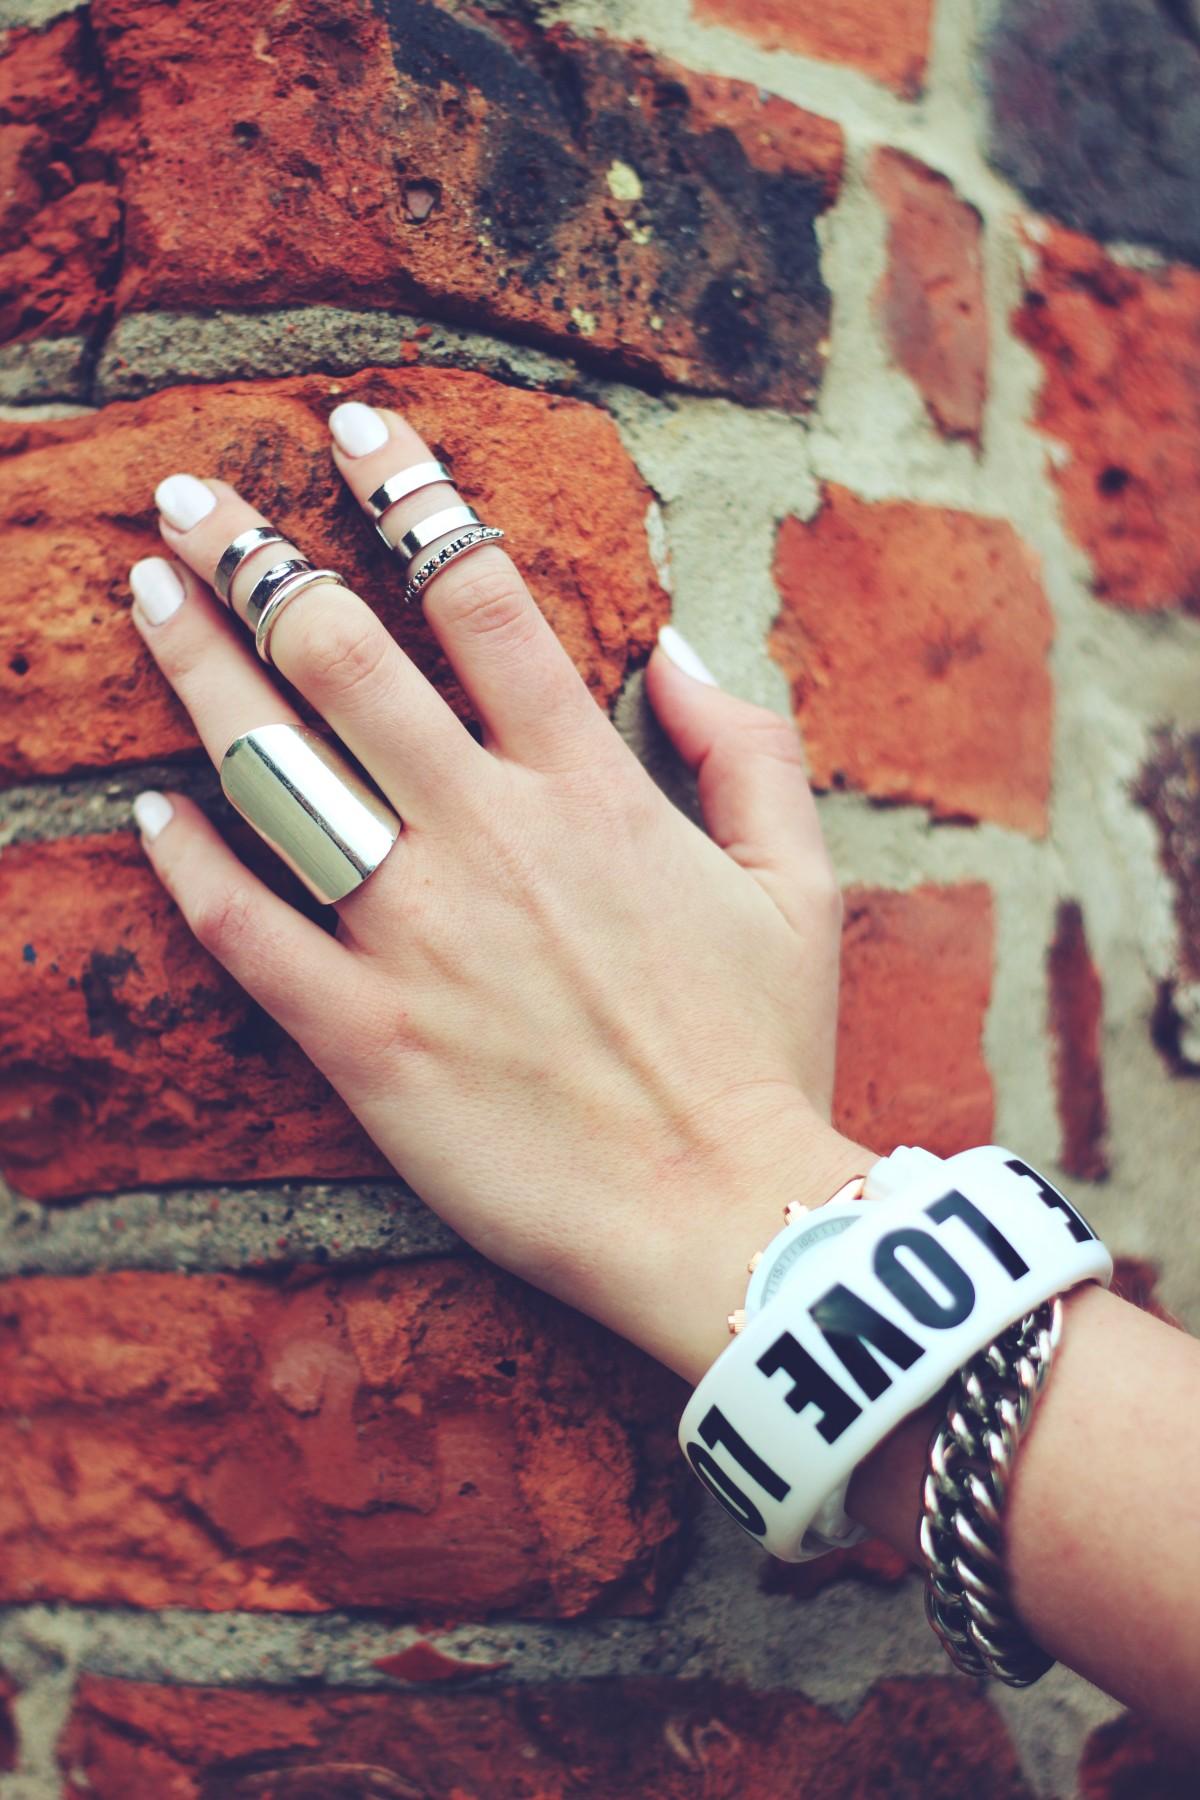 mano anillo pierna patrón dedo primavera rojo color uña pulsera esposas Ladrillos belleza imagen uñas Anillos